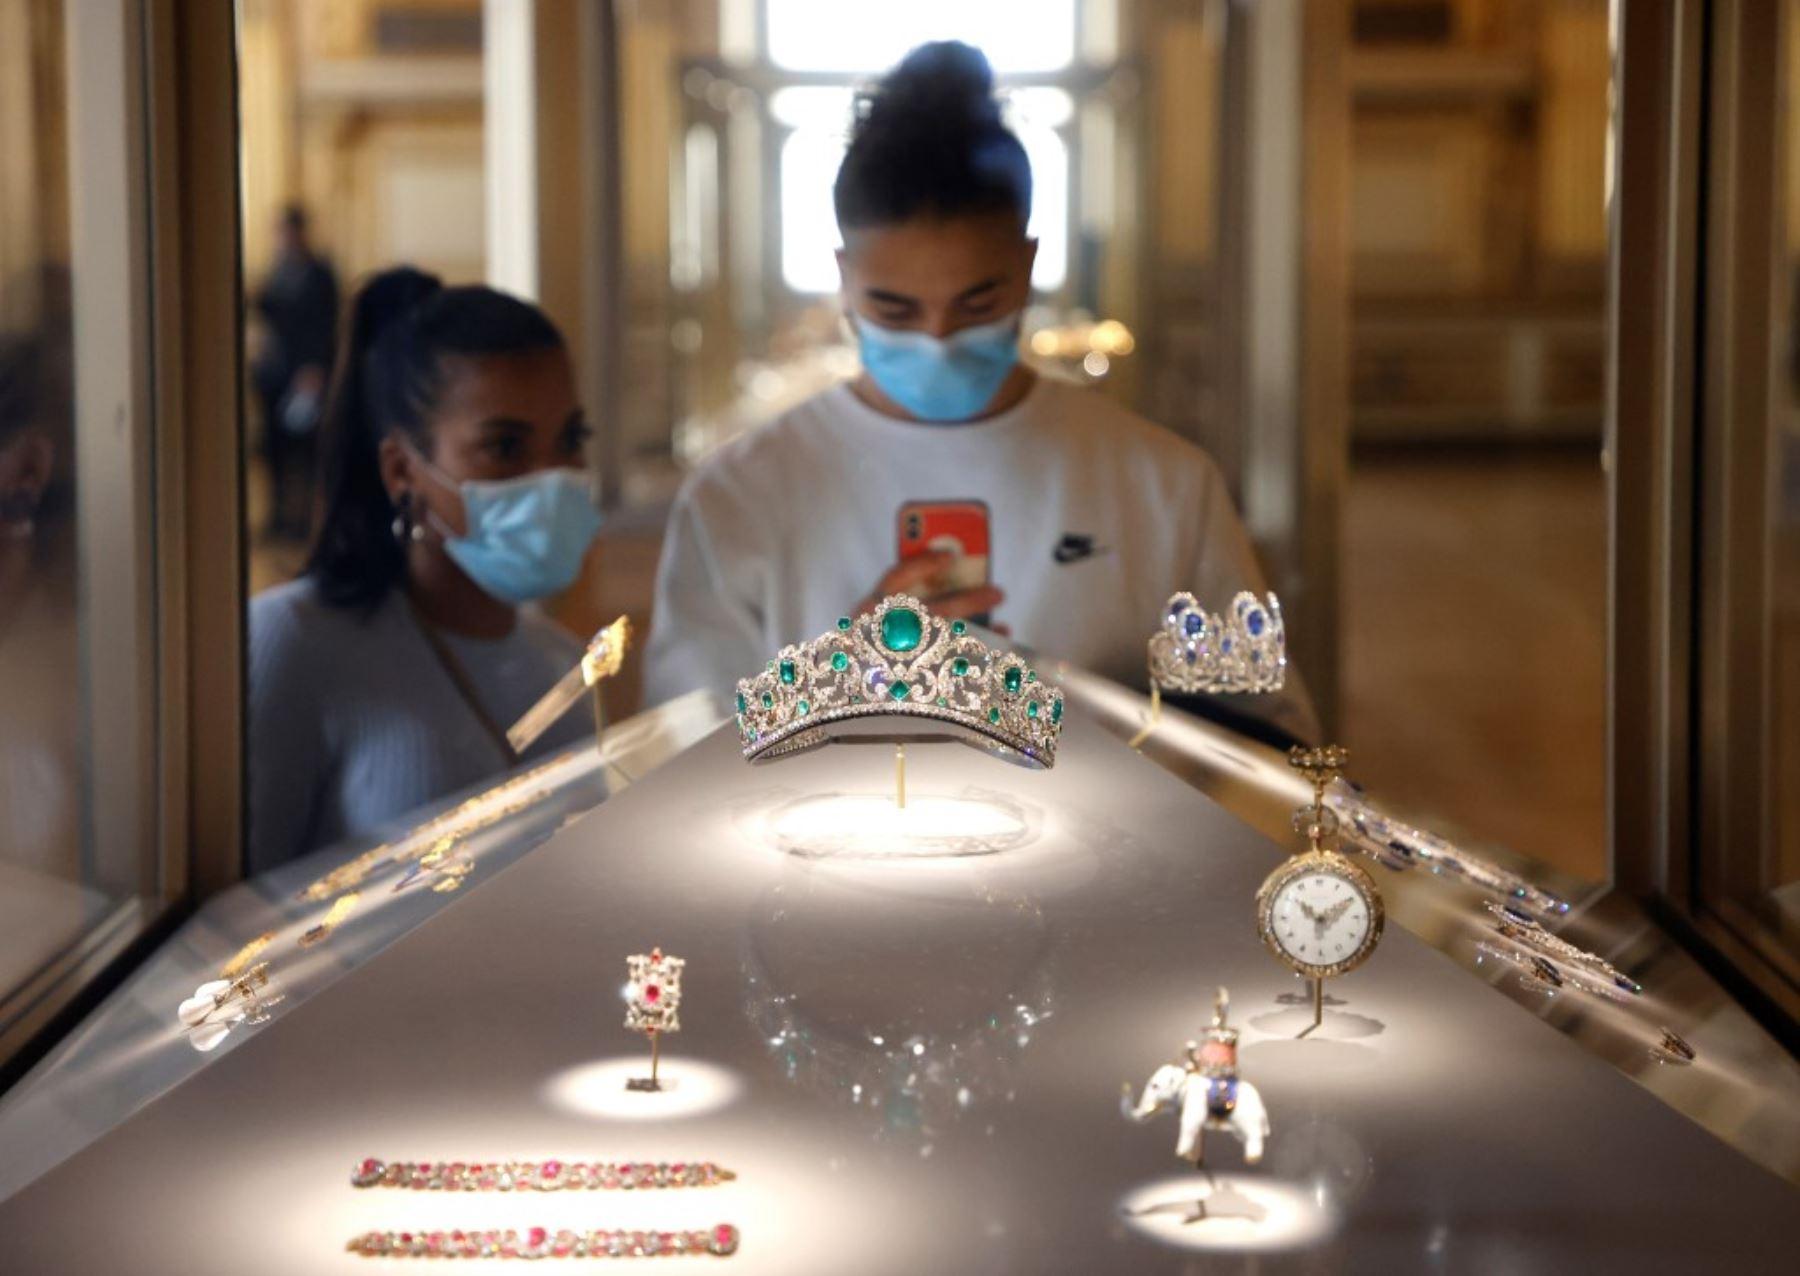 Visitantes con mascarillas miran la Diadema de la Duquesa de Angulema expuesta en una ventana que se exhibe en la galería Apolo del Museo del Louvre, abandonada por los turistas debido a la pandemia de Covid-19, en París. Foto: AFP